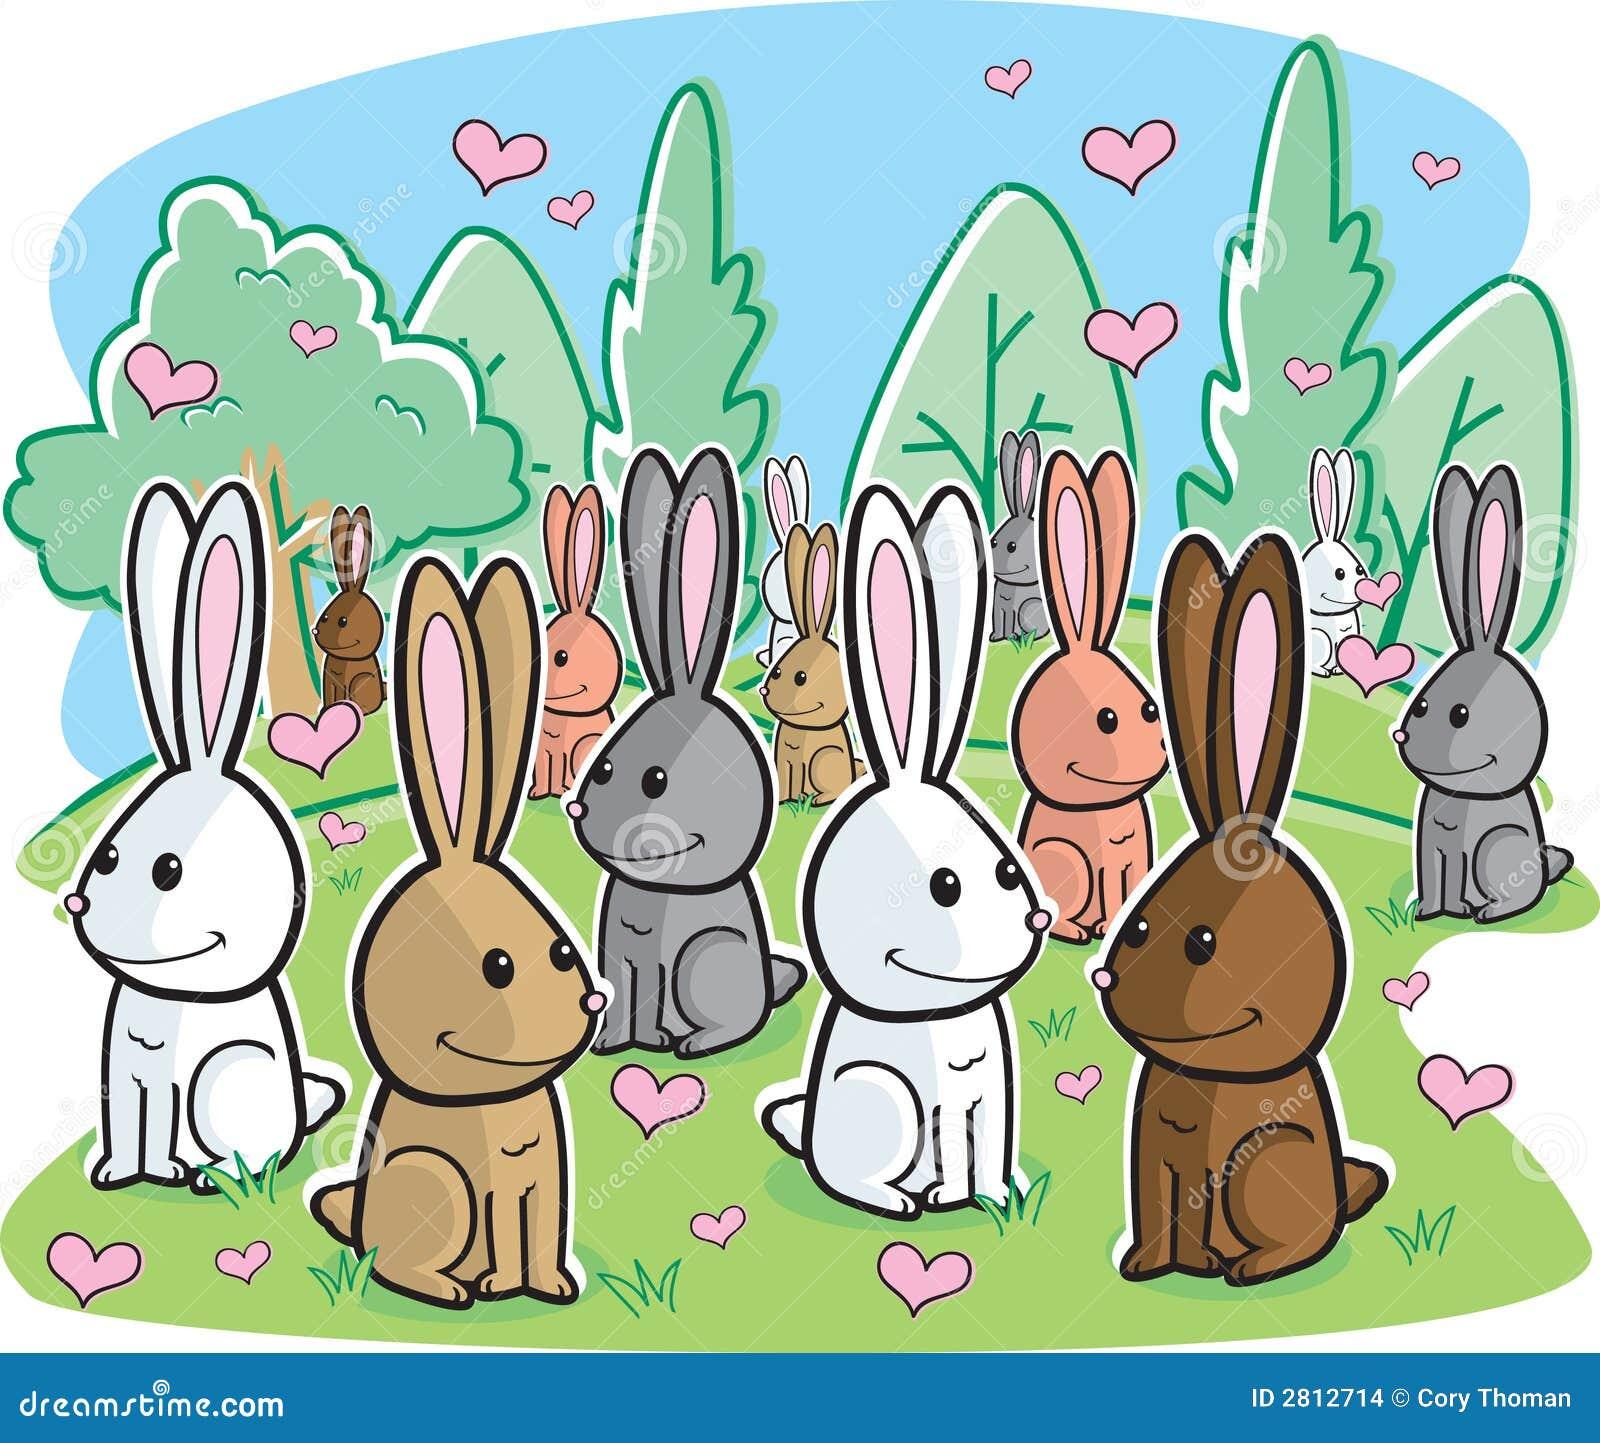 Картинка с зайцами пятью